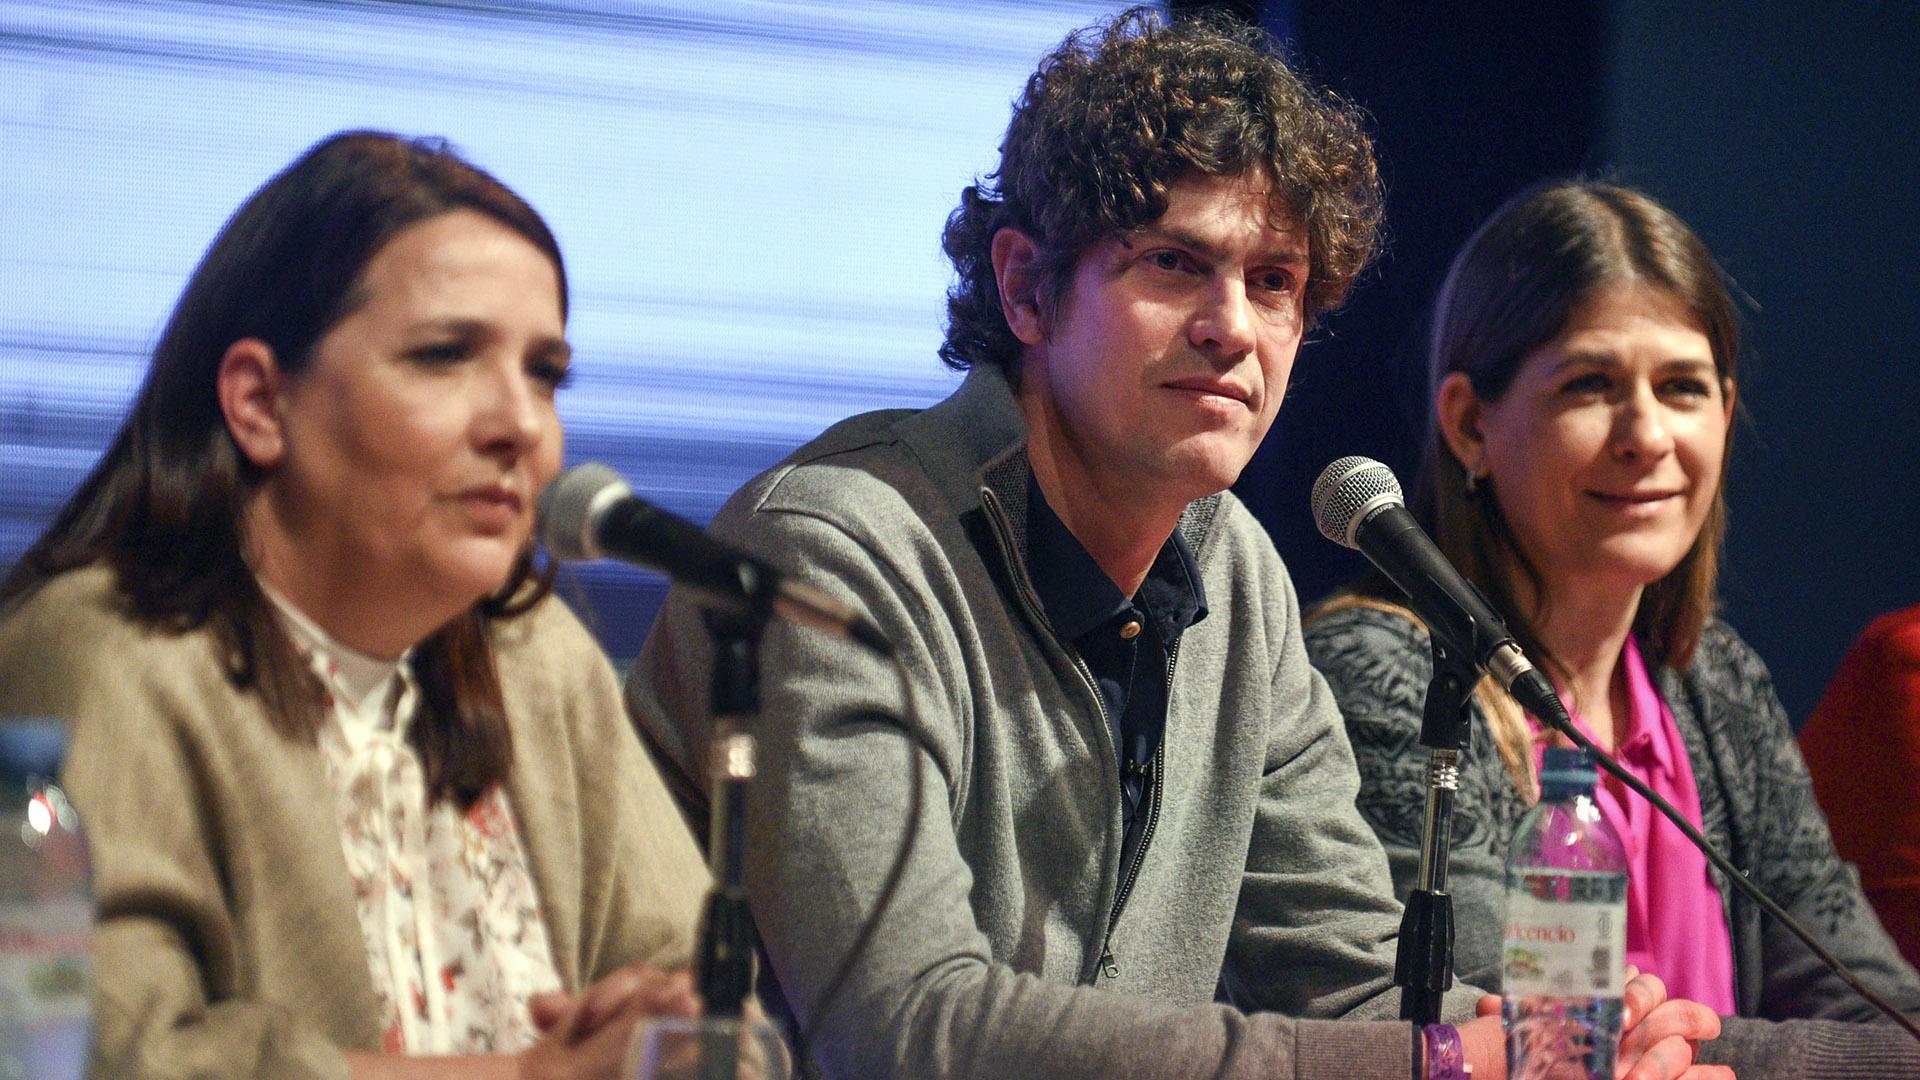 Martín Lousteau uno de los precandidatos de Juntos por el Cambio lució un sweater gris con camisa azul noche